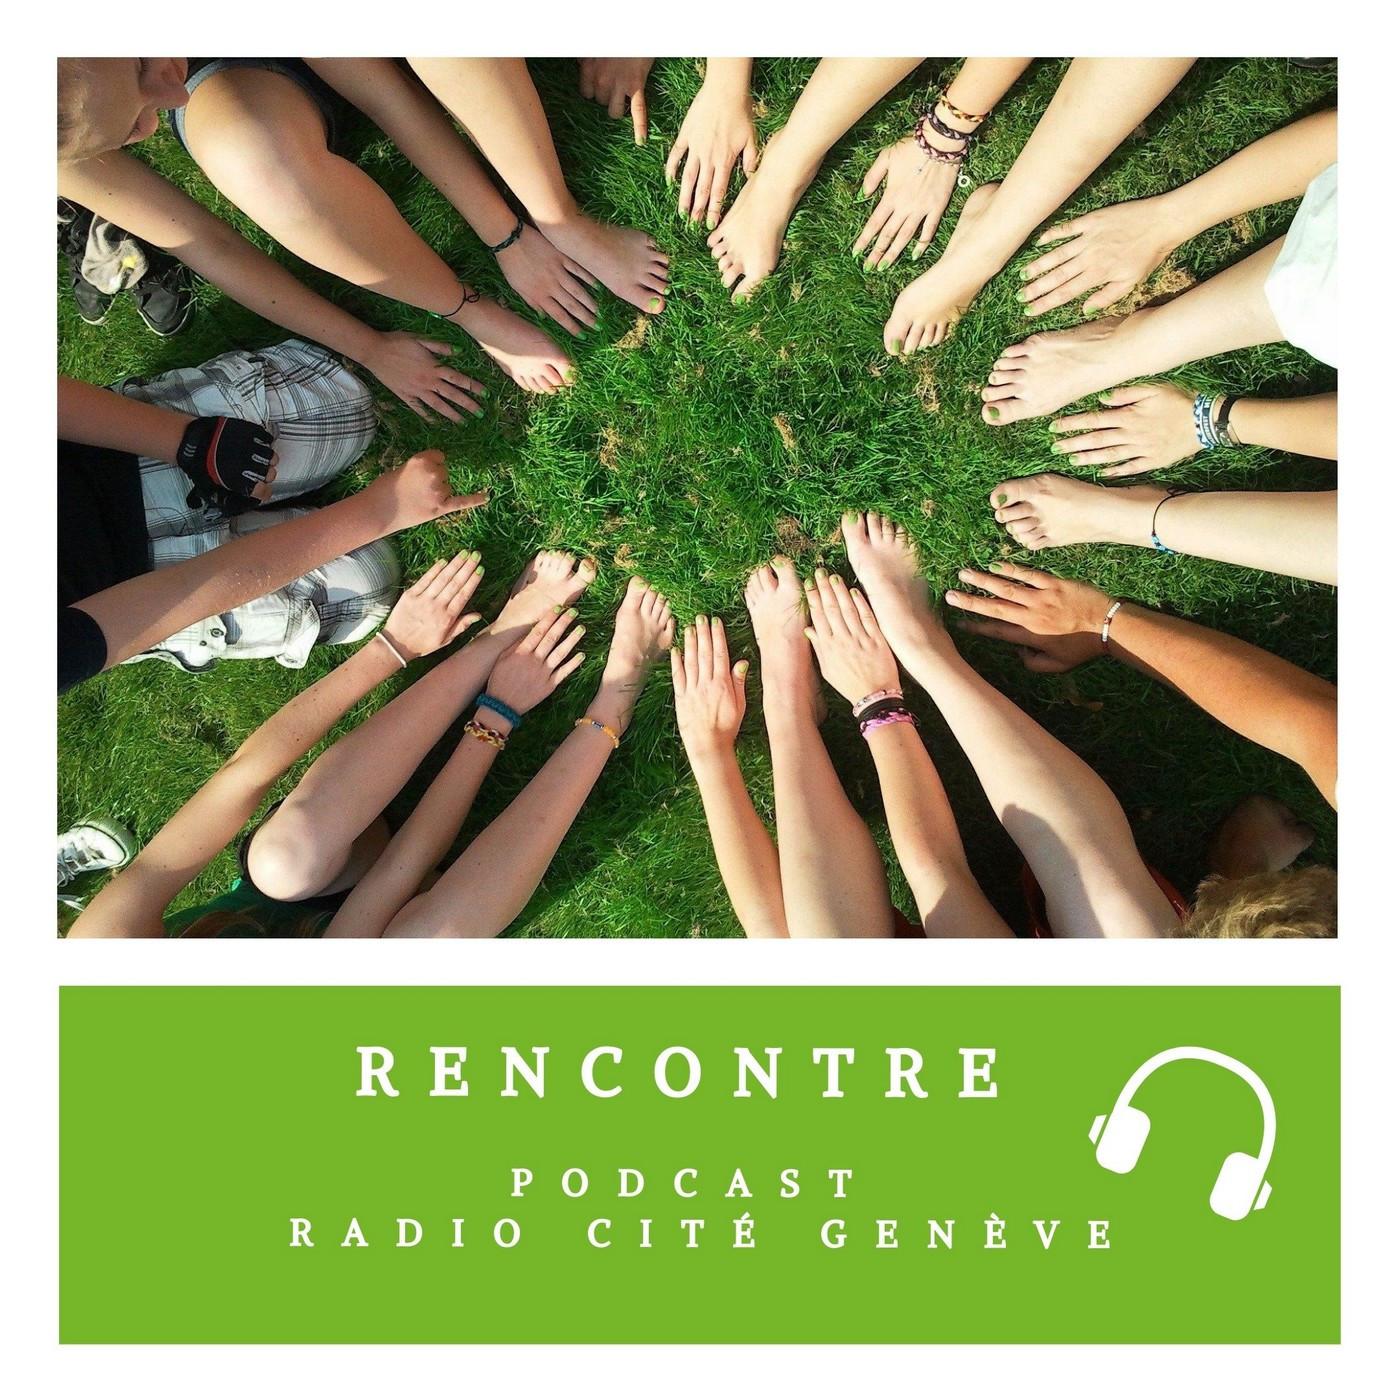 Rencontre du 01/02/21 - Luc Eric Revilliod - Jussy